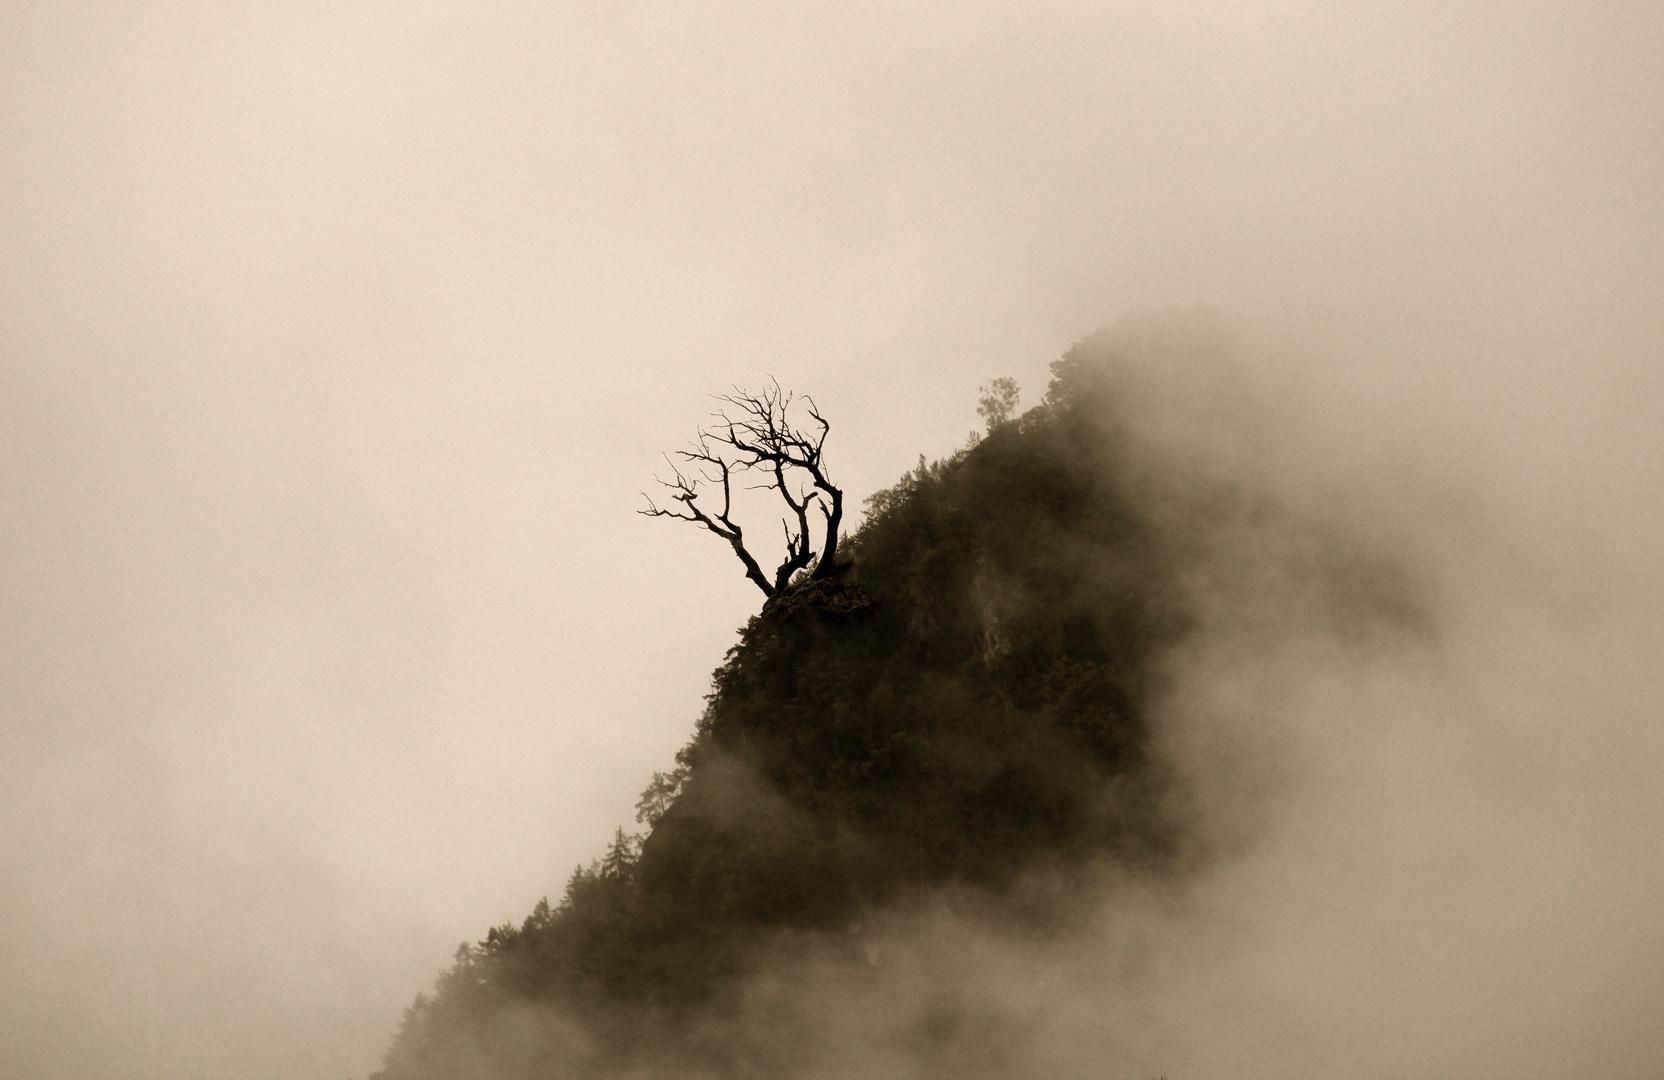 Eine alter Baum geht auf die letzte Reise, Bild 2 von 5